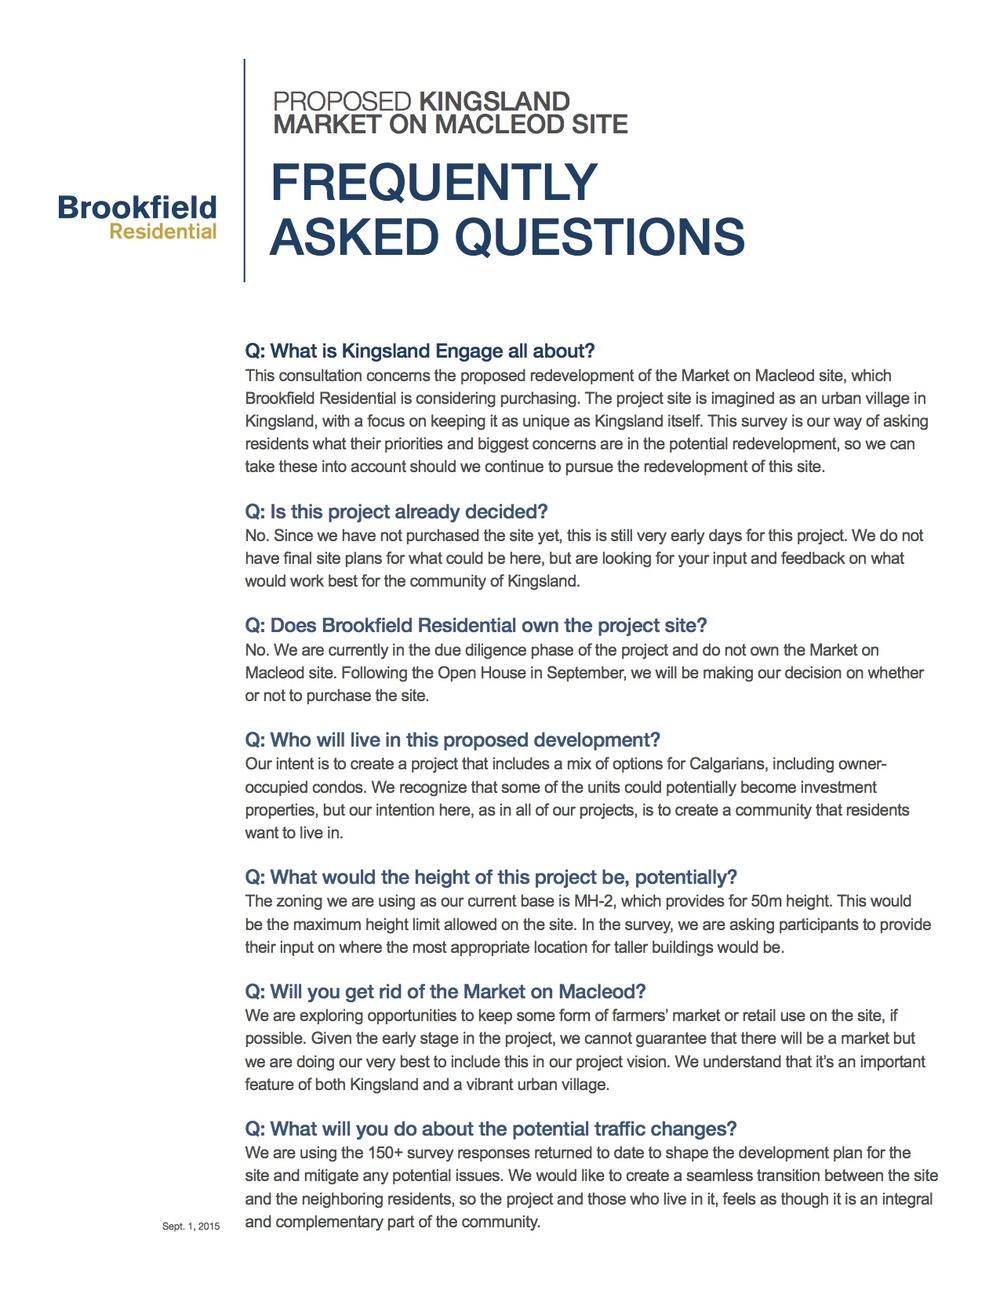 Kingsland Market FAQ